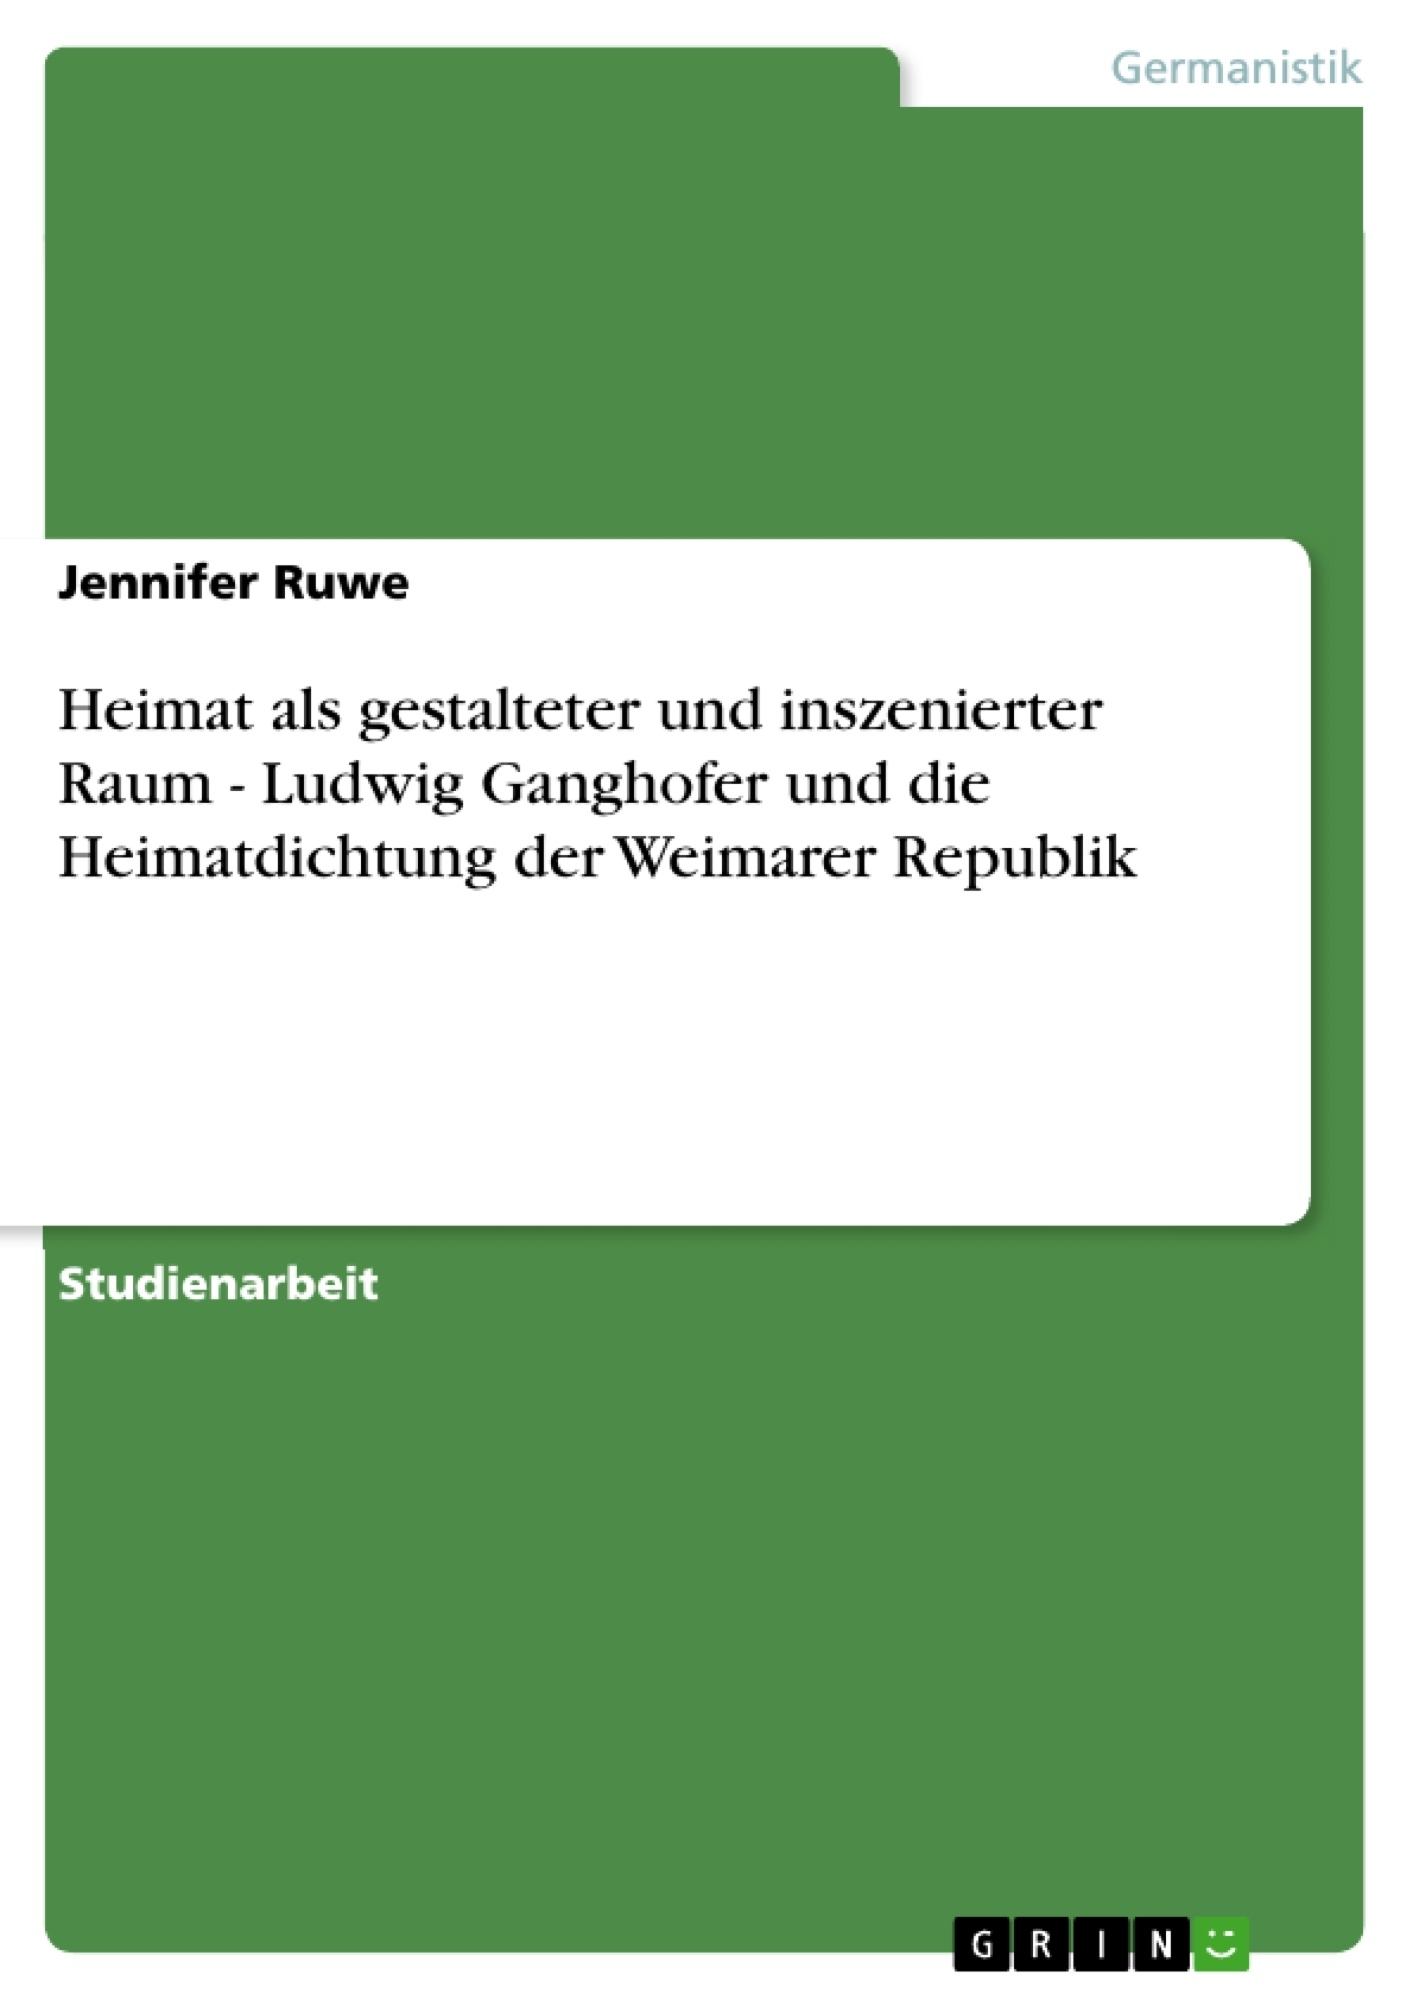 Titel: Heimat als gestalteter und inszenierter Raum - Ludwig Ganghofer und die Heimatdichtung der Weimarer Republik